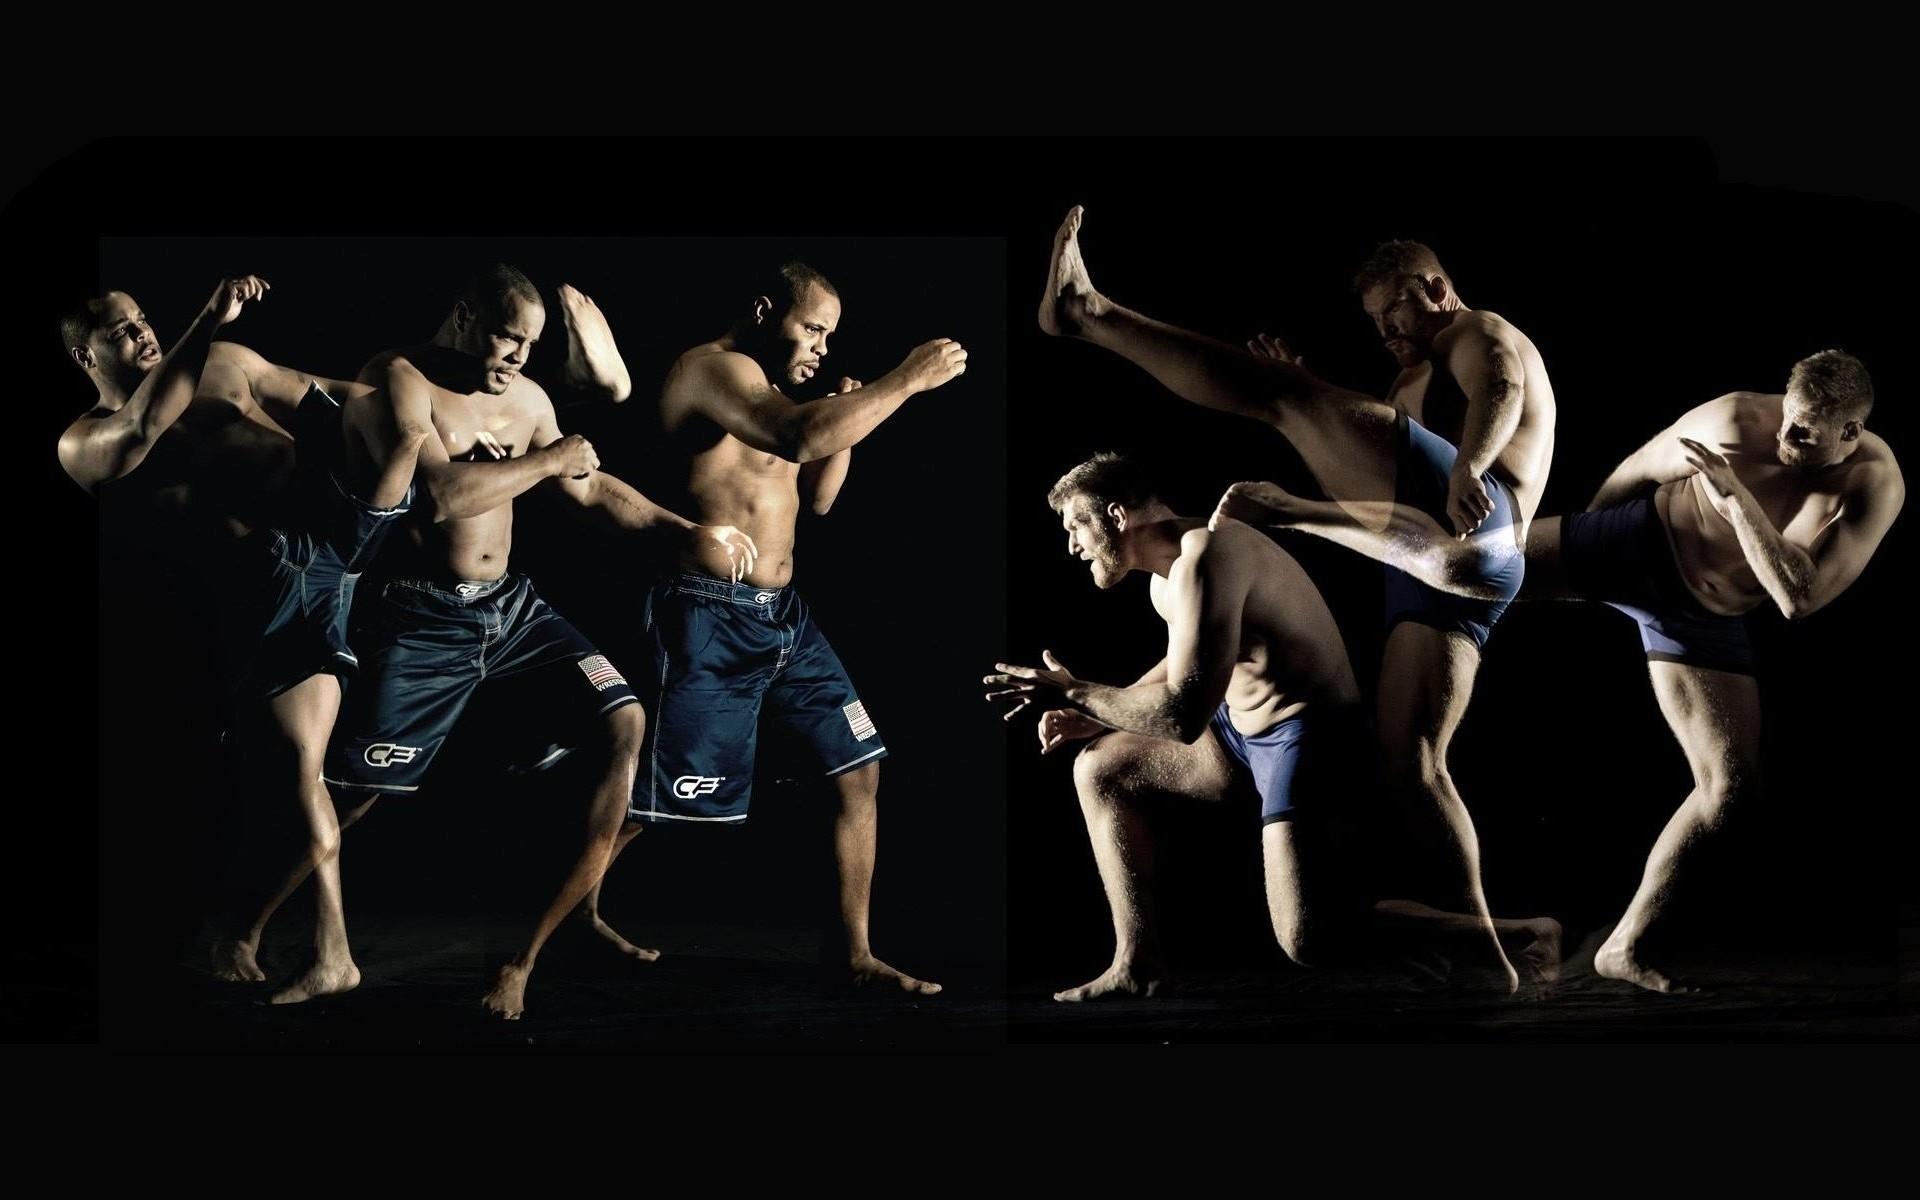 Sports – MMA Wallpaper